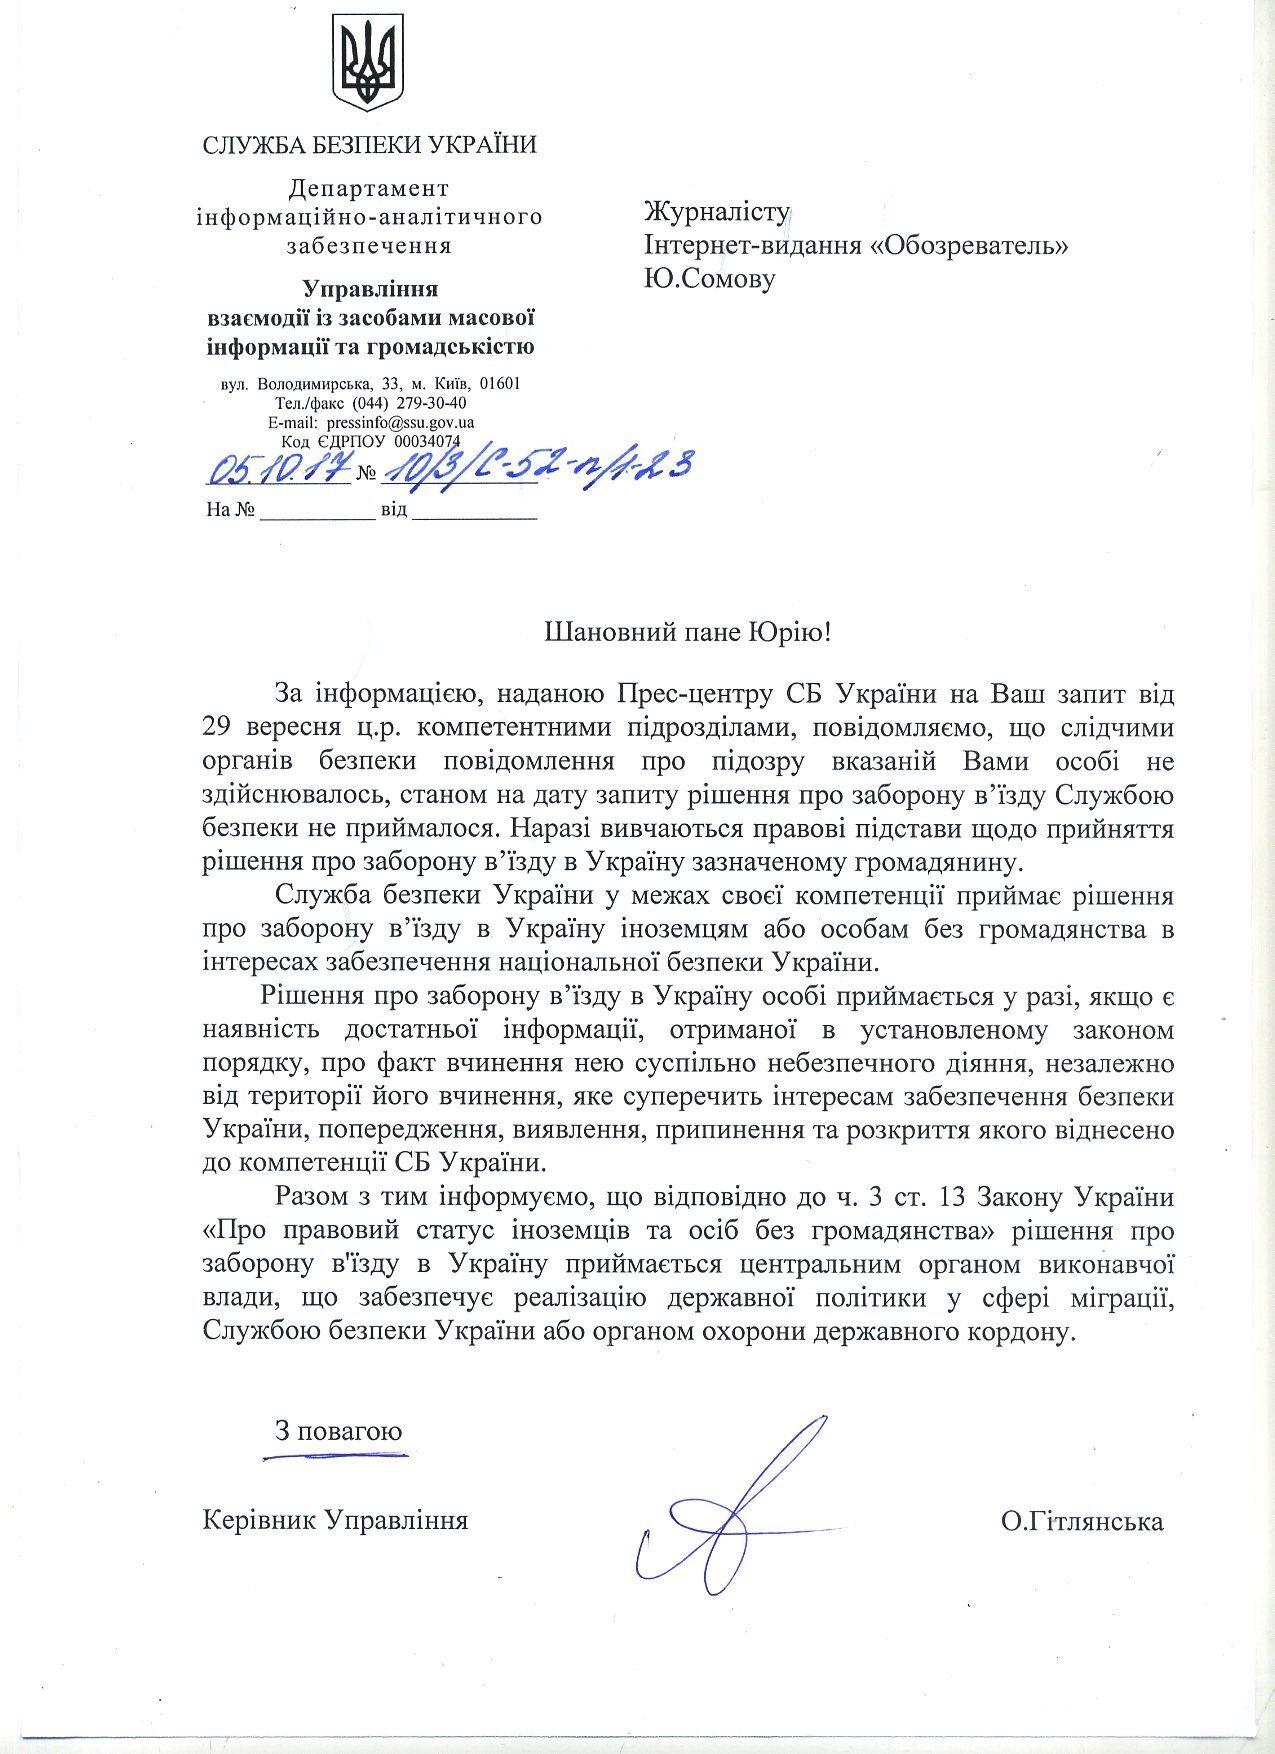 Украинцев нет как нации? СБУ отреагировала на приезд в Киев скандального рэпера из РФ